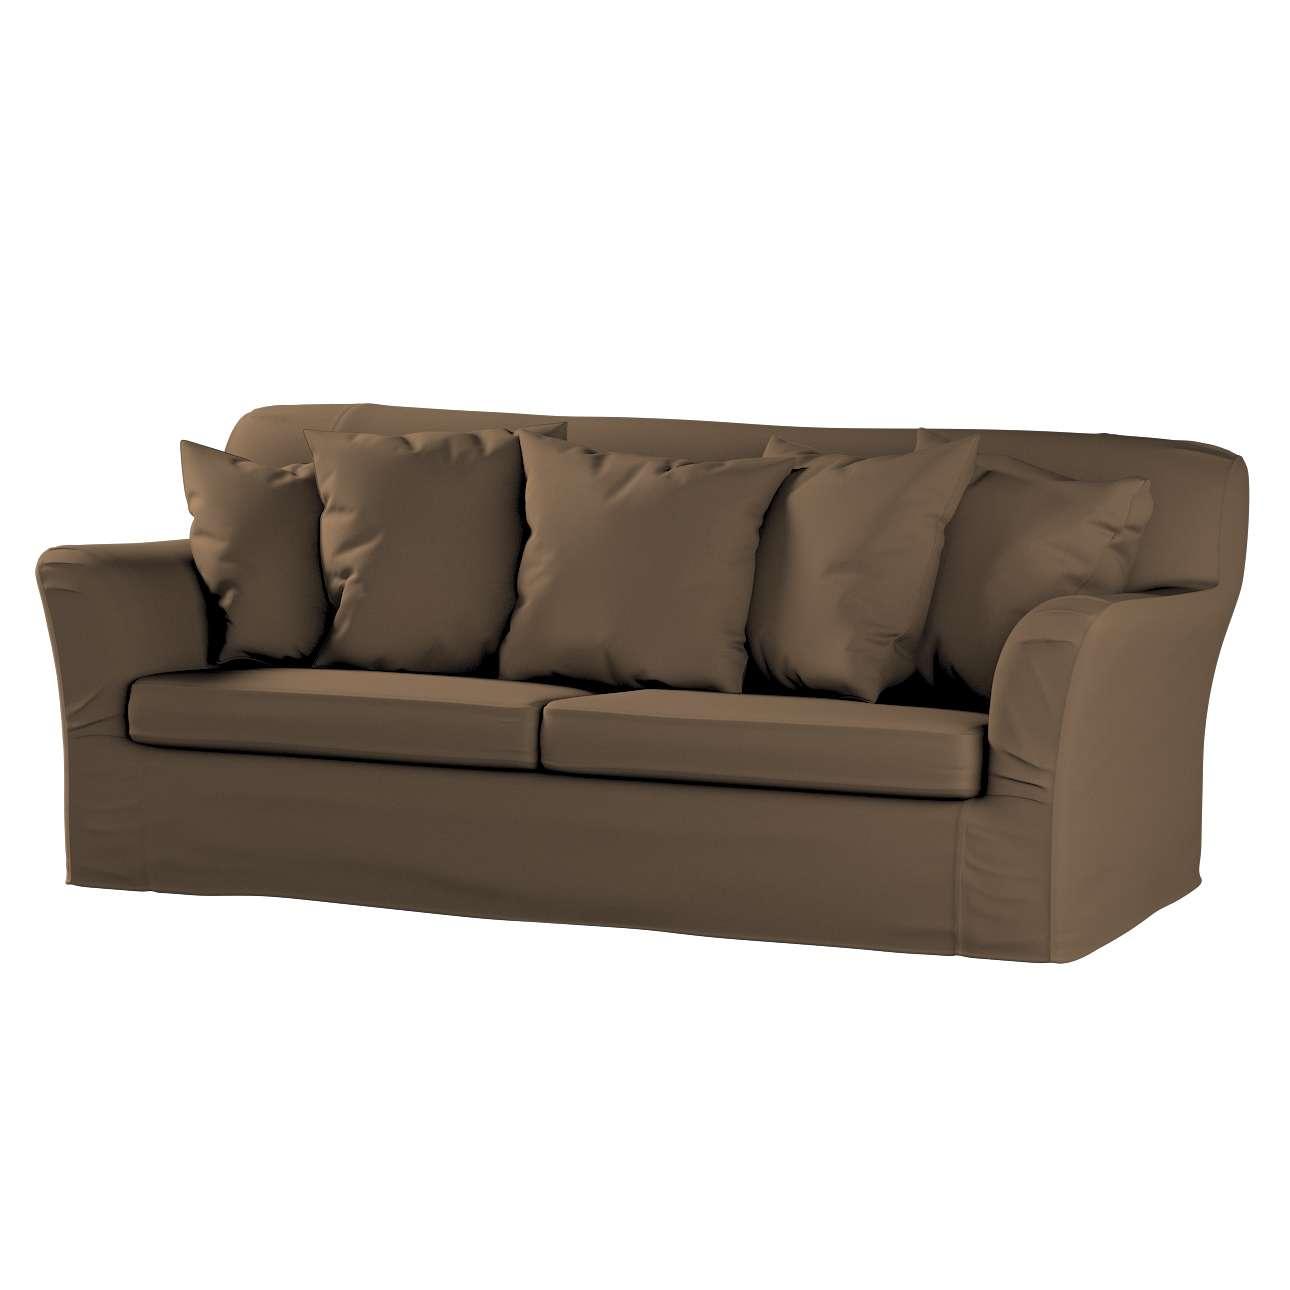 Pokrowiec na sofę Tomelilla 3-osobową rozkładaną Sofa Tomelilla rozkładana w kolekcji Cotton Panama, tkanina: 702-02